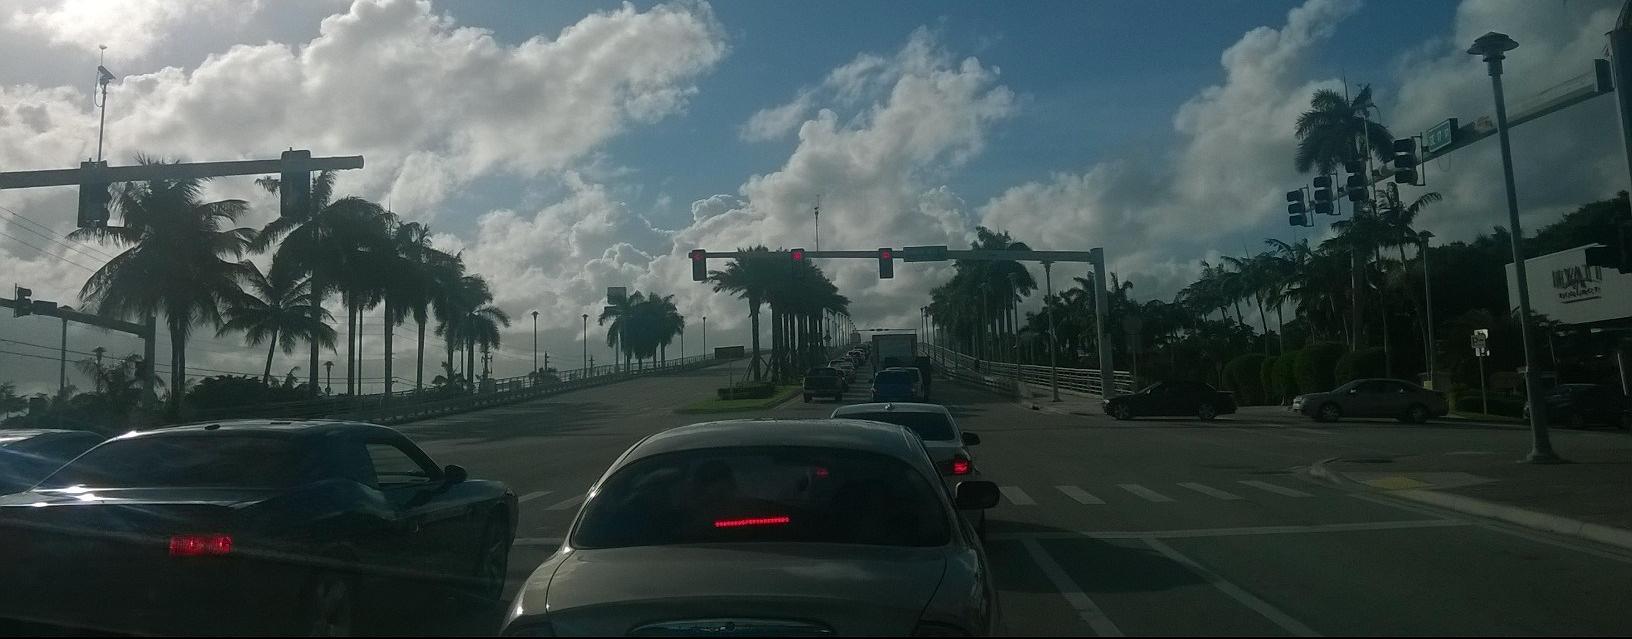 fll-bridge-over-canals-a1a-fll-nov15